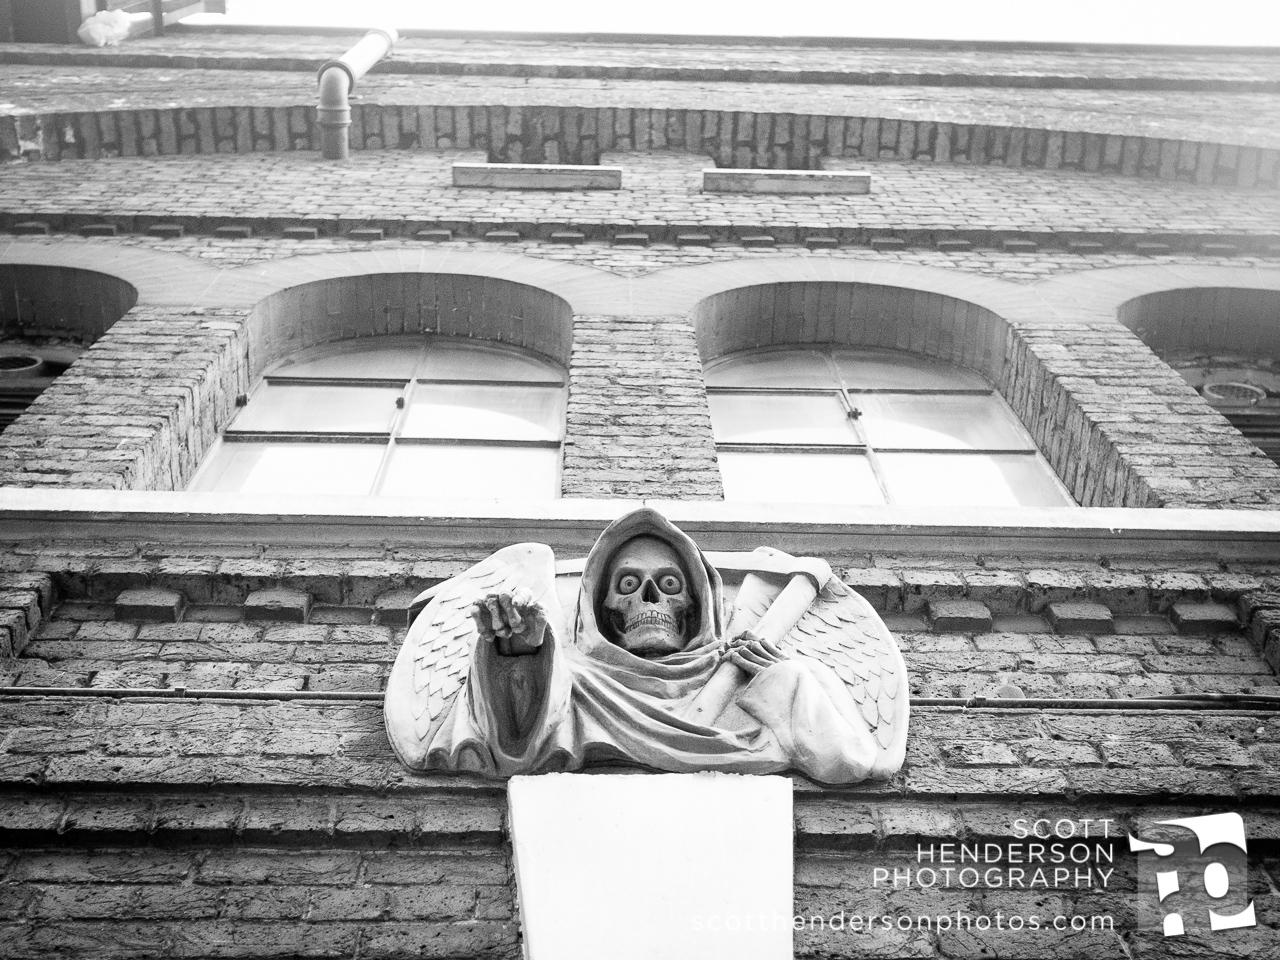 london201305-021.jpg